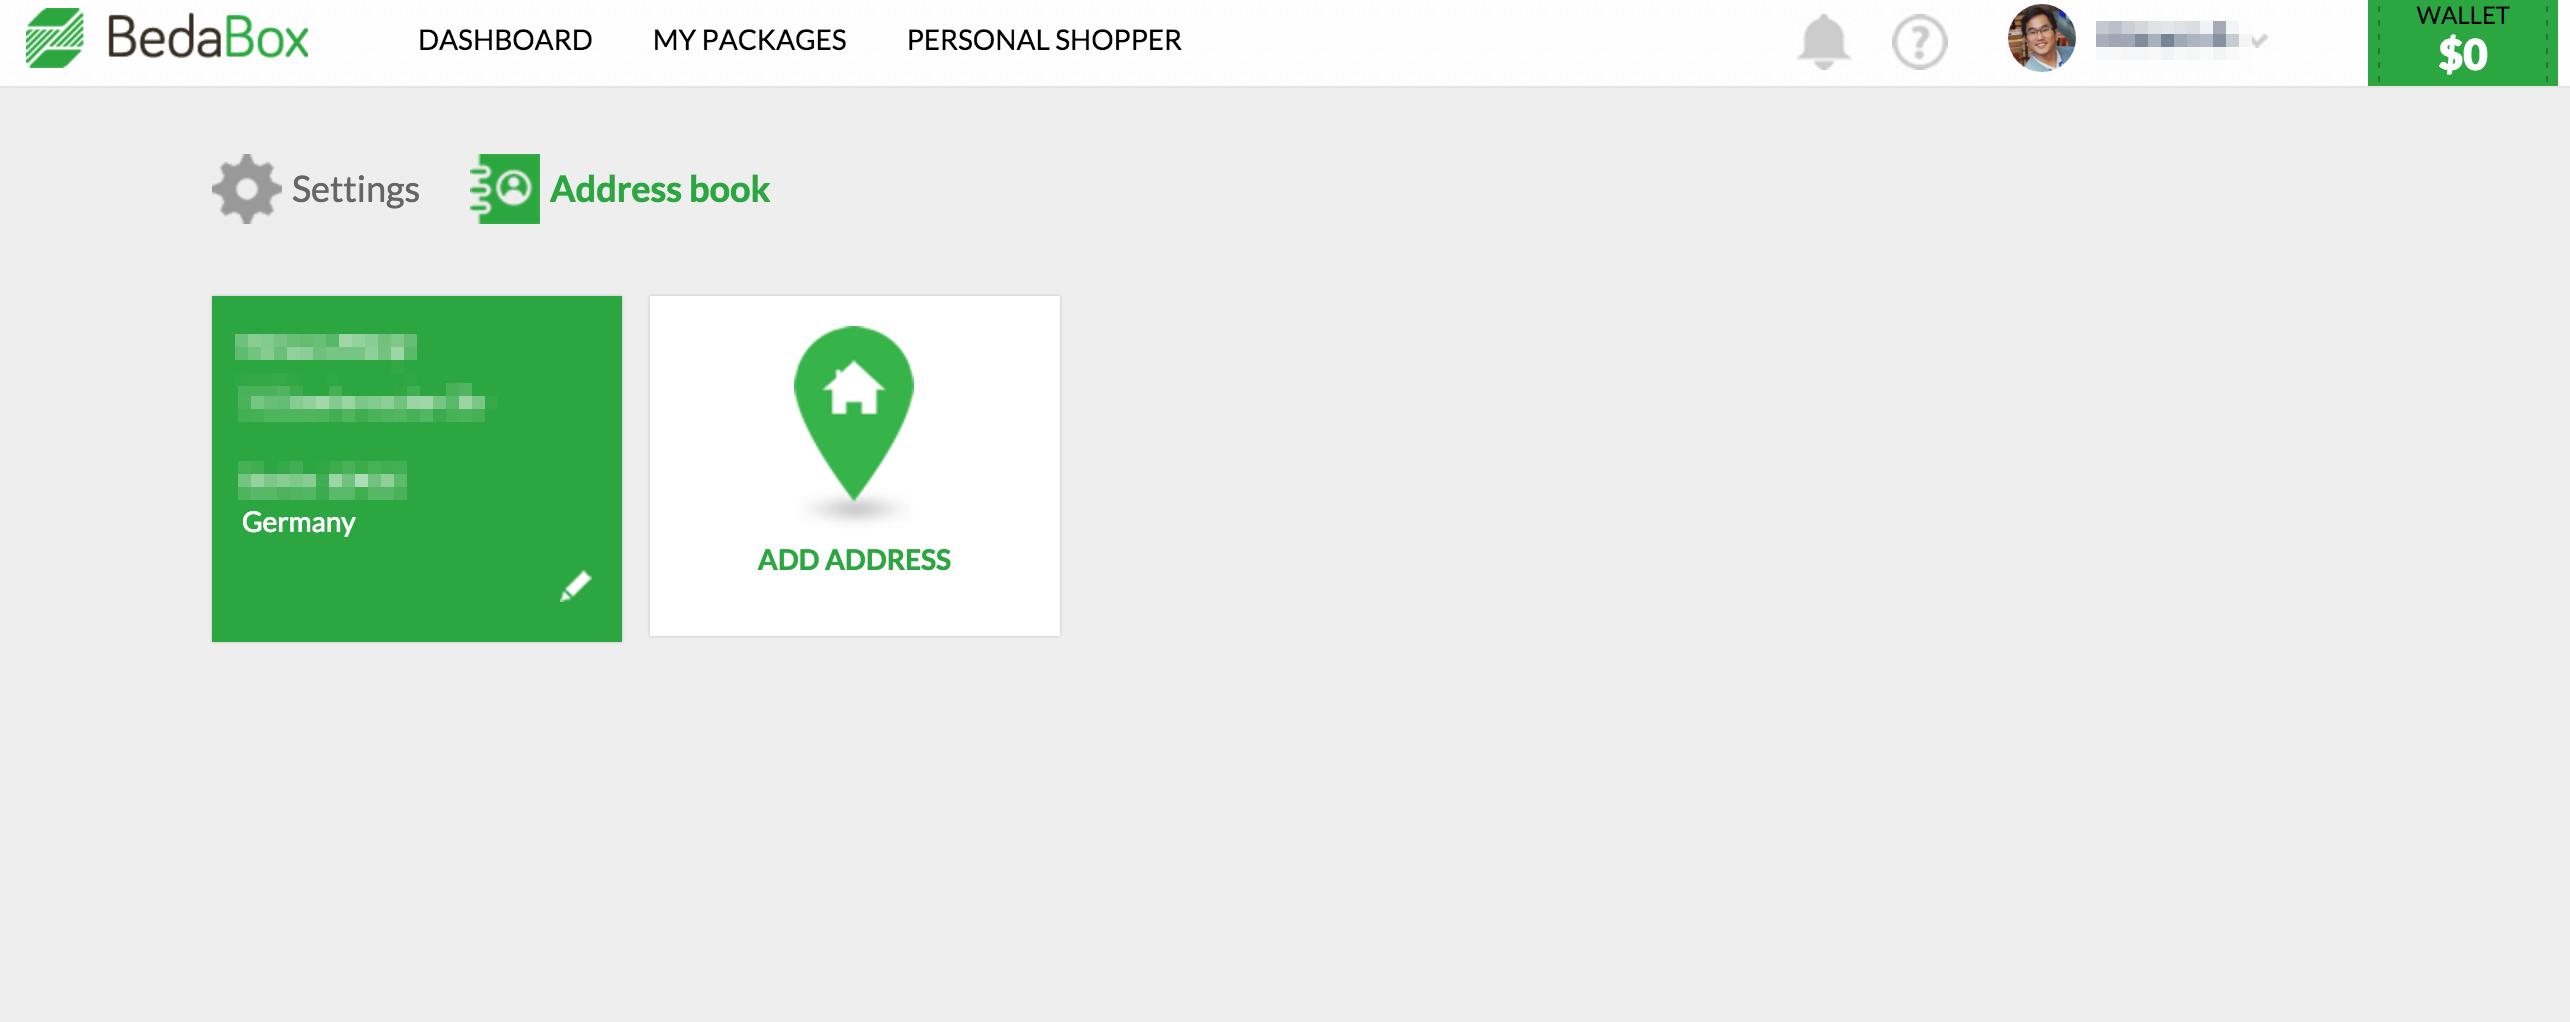 住所登録画面。何個でも、どの国でも登録できるもよう。UIは非常にクリーンで洗練されているー